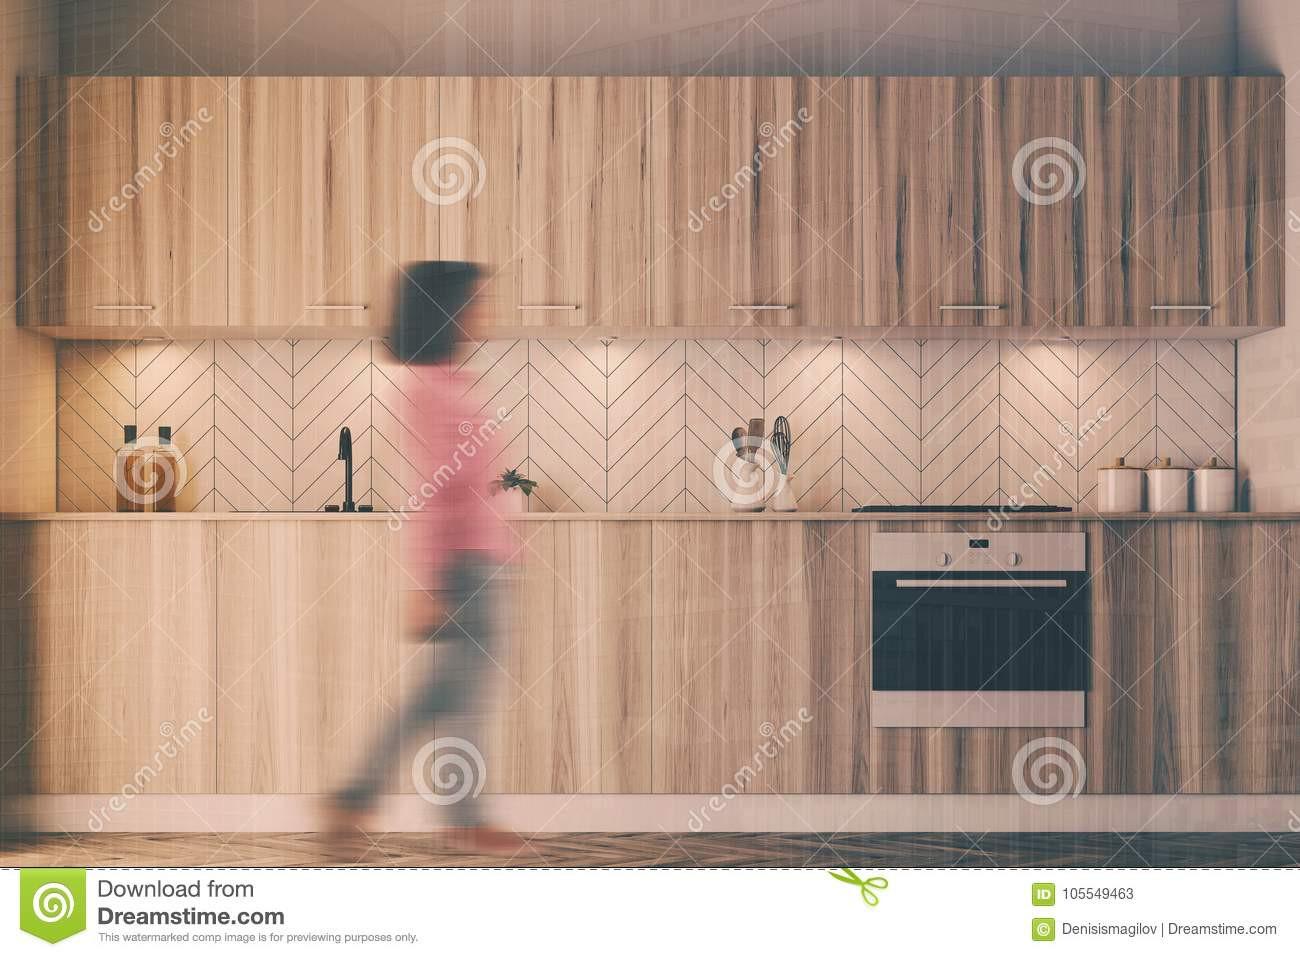 gray hardwood floors in kitchen of gray kitchen wooden countertop blur stock illustration inside gray kitchen wooden countertop blur